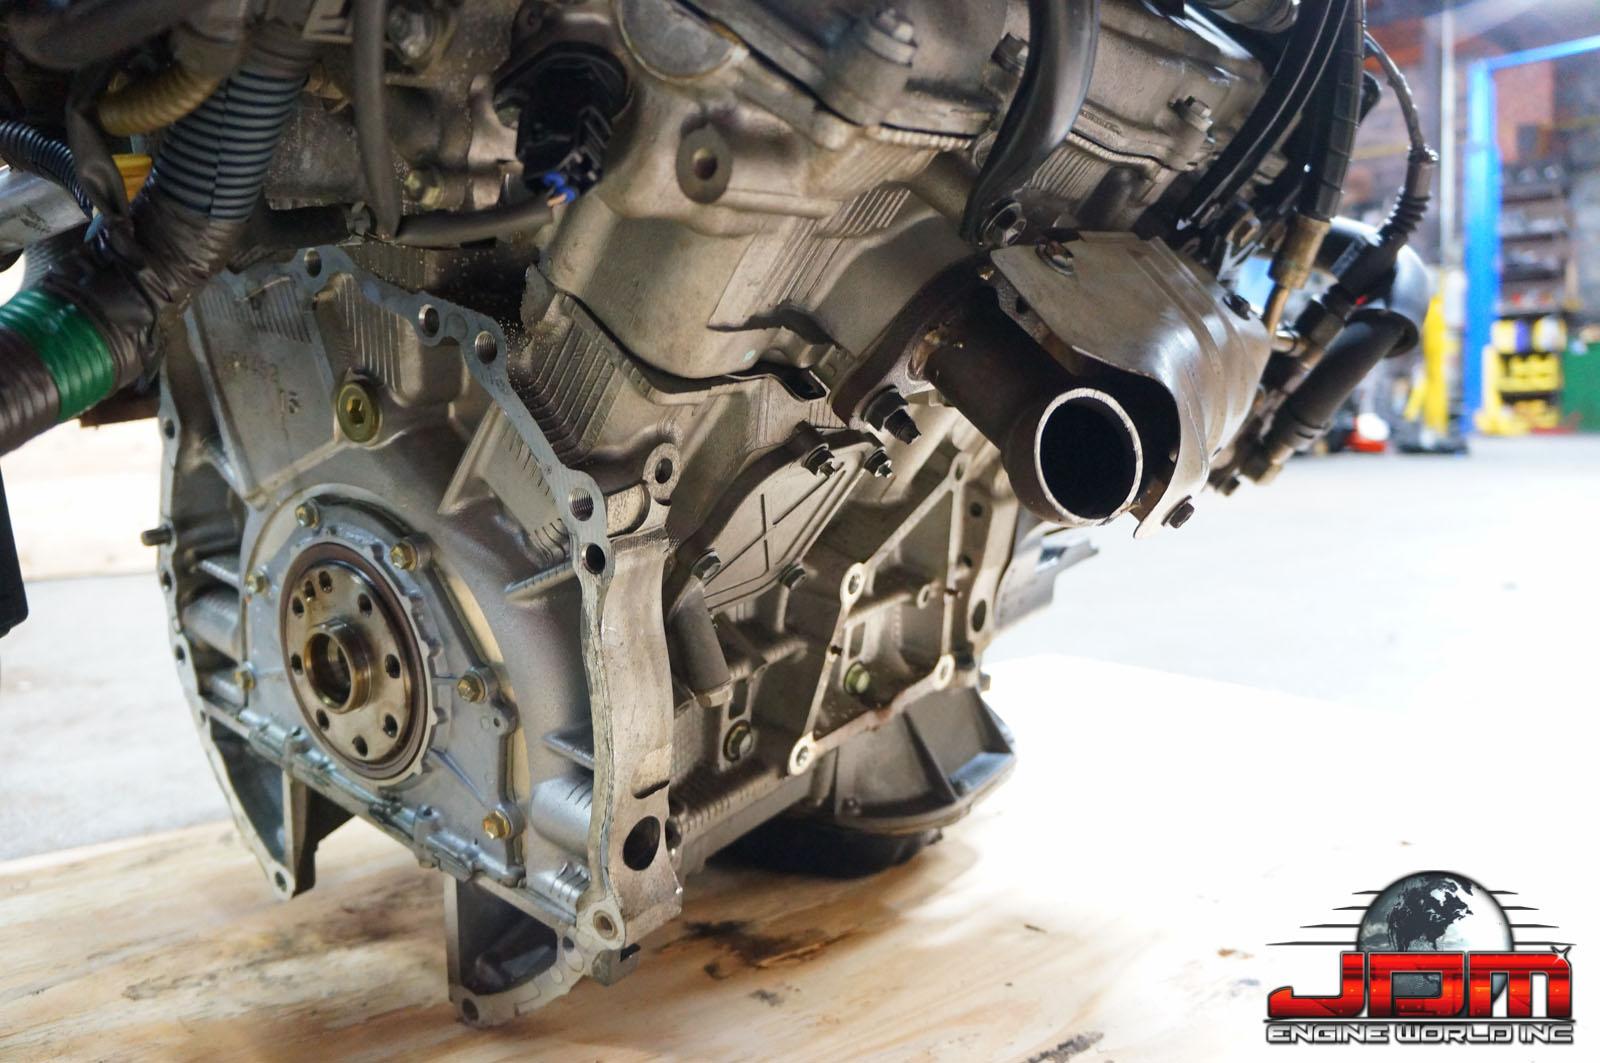 00 01 02 03 TOYOTA SIENNA 1MZ-FE ENGINE 3.0L V6 VVTi JDM 1MZ-FE